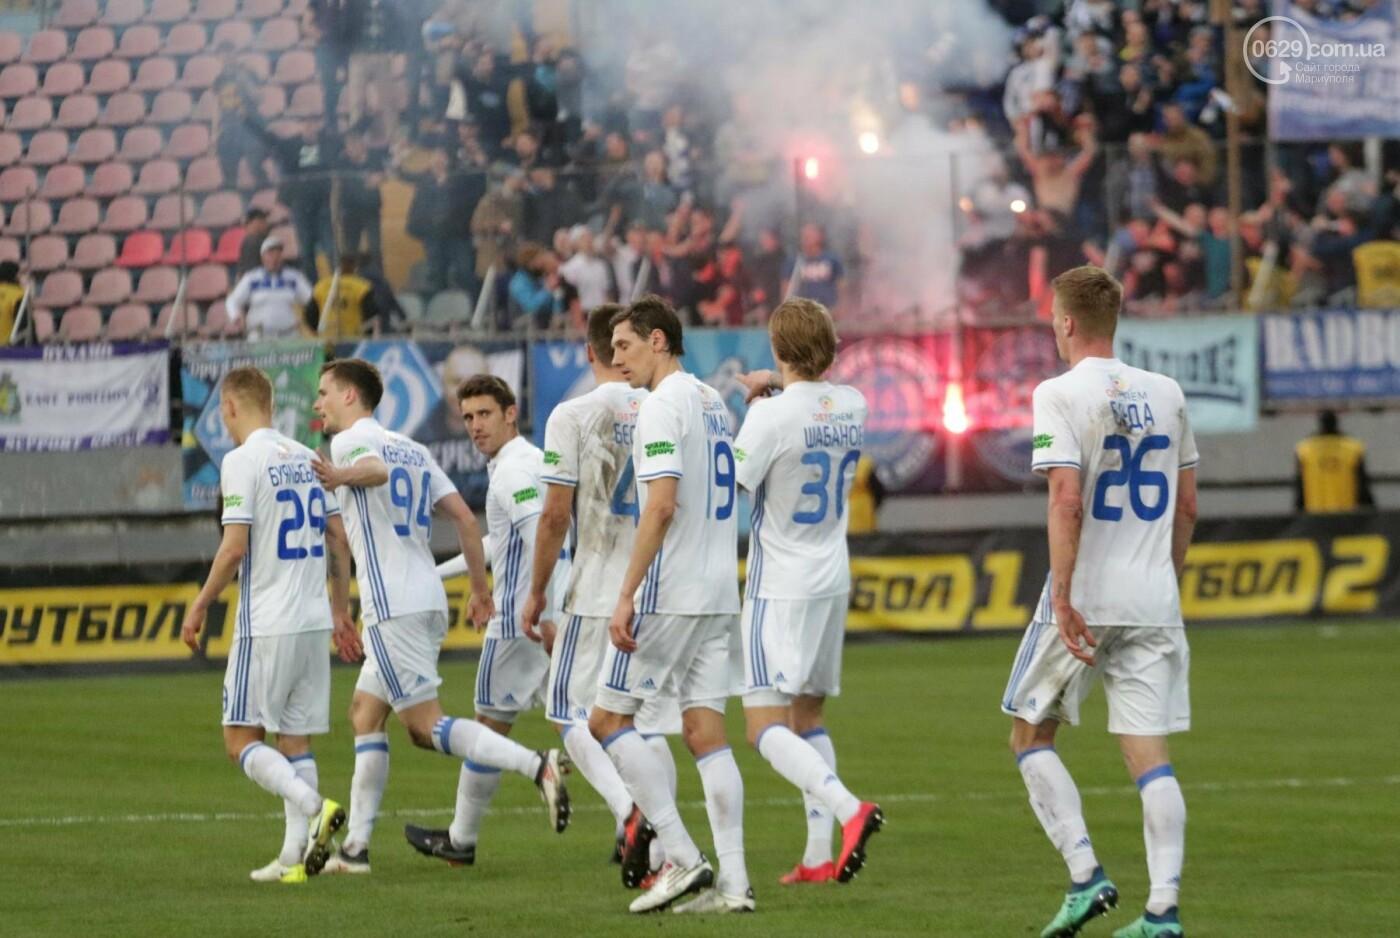 Реванш столичного «Динамо» в Мариуполе. Как это было (ФОТОРЕПОРТАЖ), фото-26